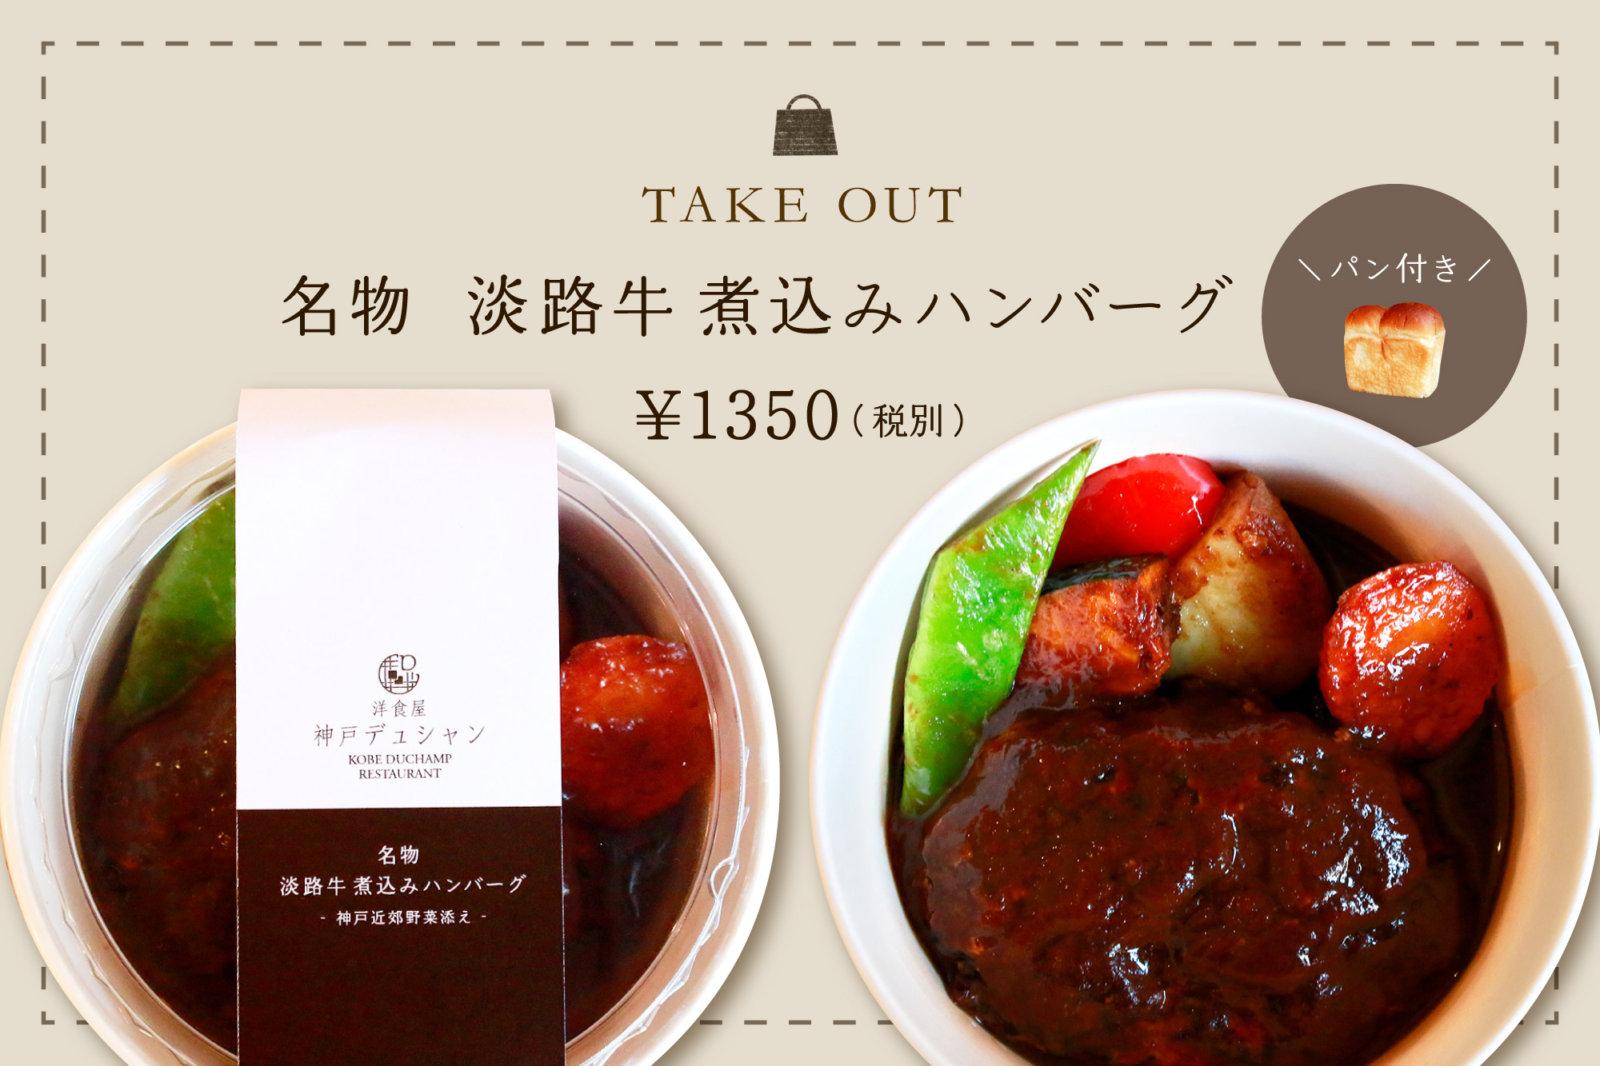 お肉を感じる洋食仕込み。<br>人気の『淡路牛 煮込みハンバーグ』テイクアウト、12月7日から。<br><br>/洋食屋 神戸デュシャン